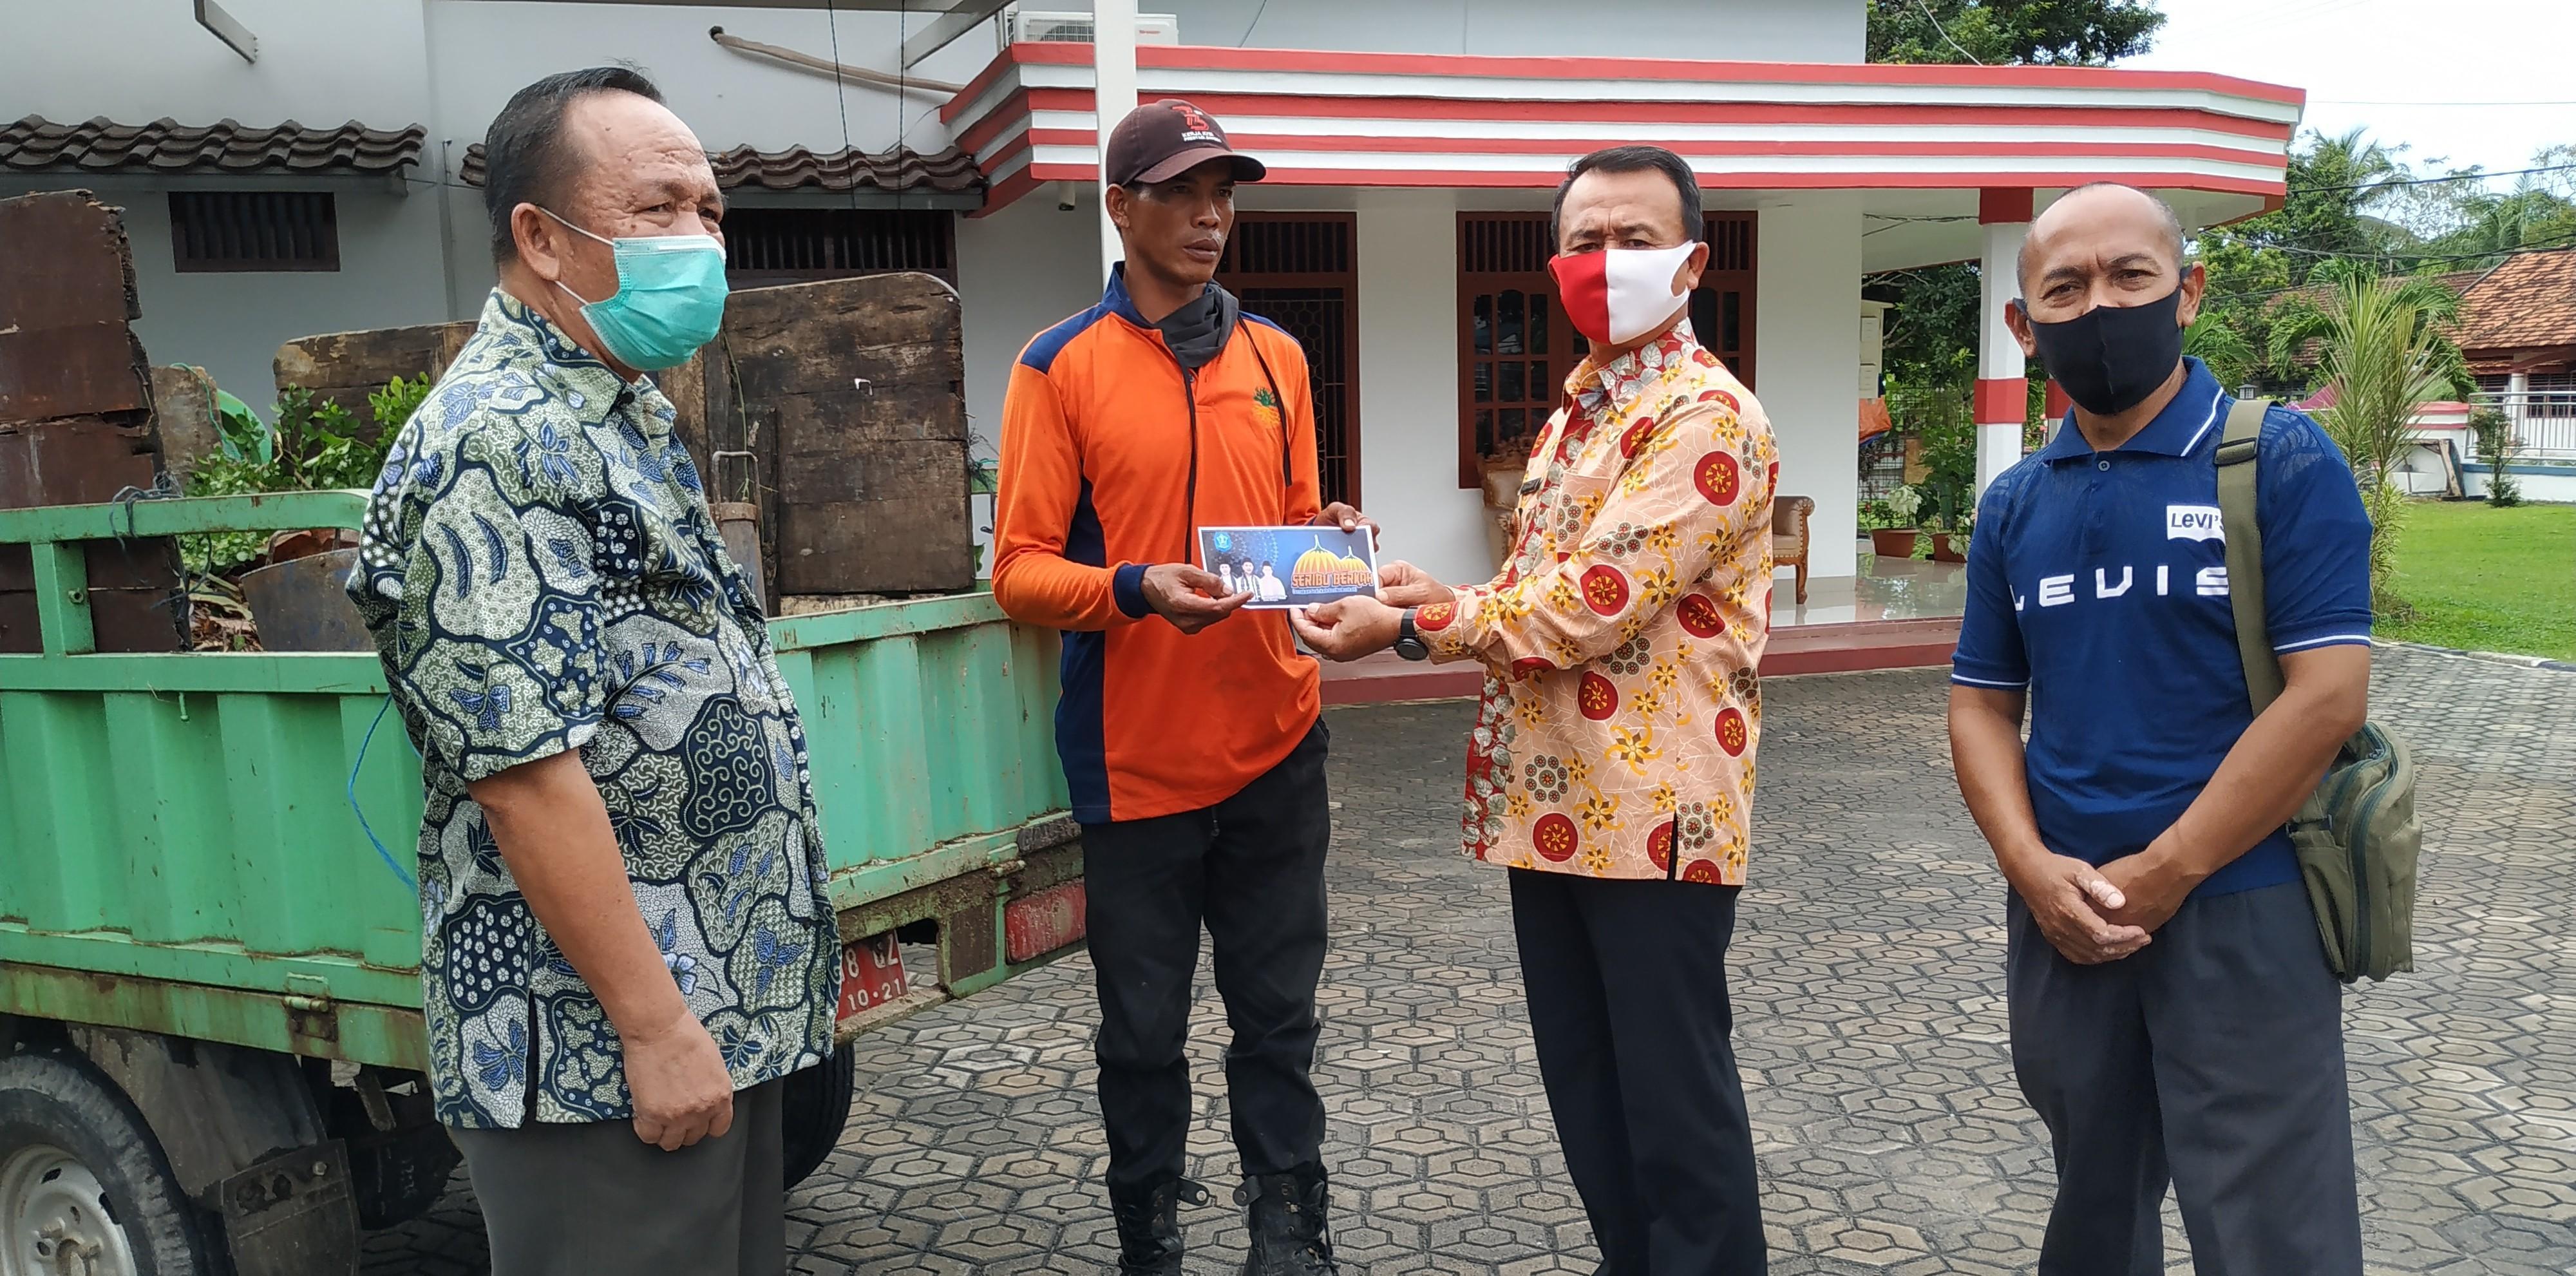 Menahan Rasa Haru Terima Bantuan Serbu, Karman Ucapkan Terima Kasih Kepada Wakil Bupati Bangka